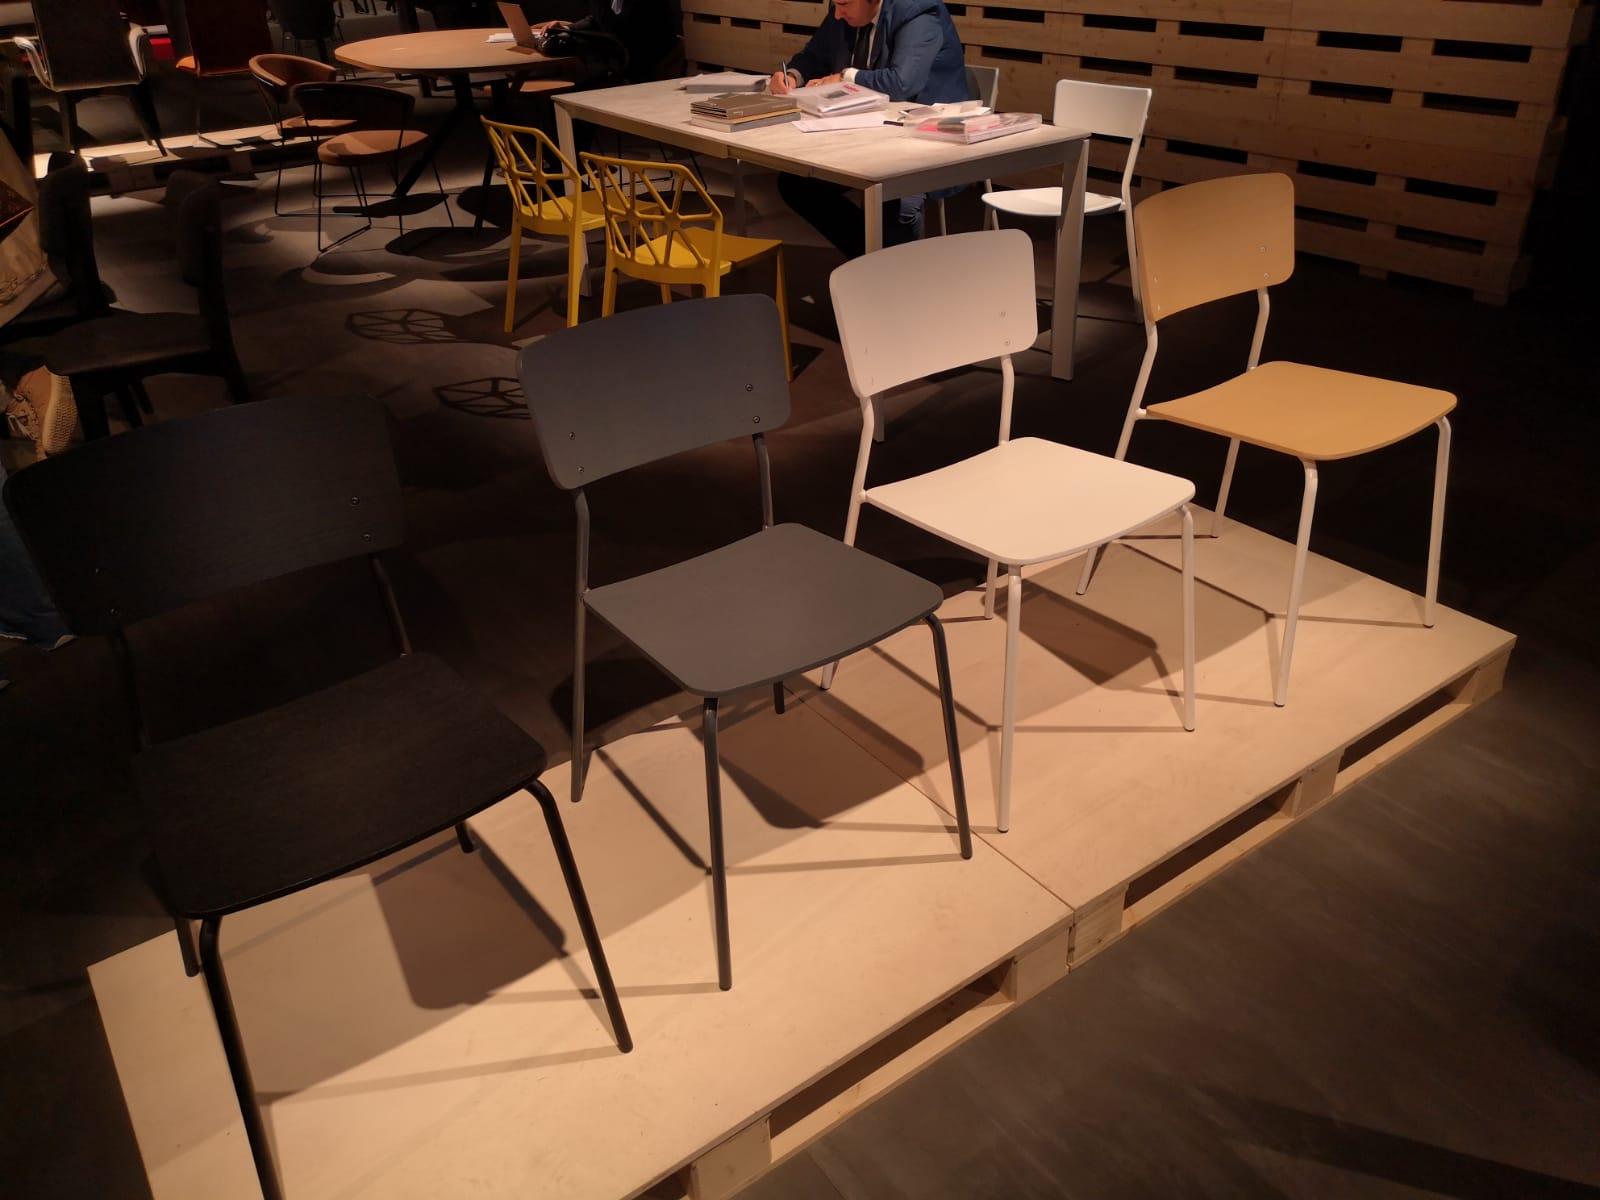 Connubia calligaris novità insedia sedie tavoli e